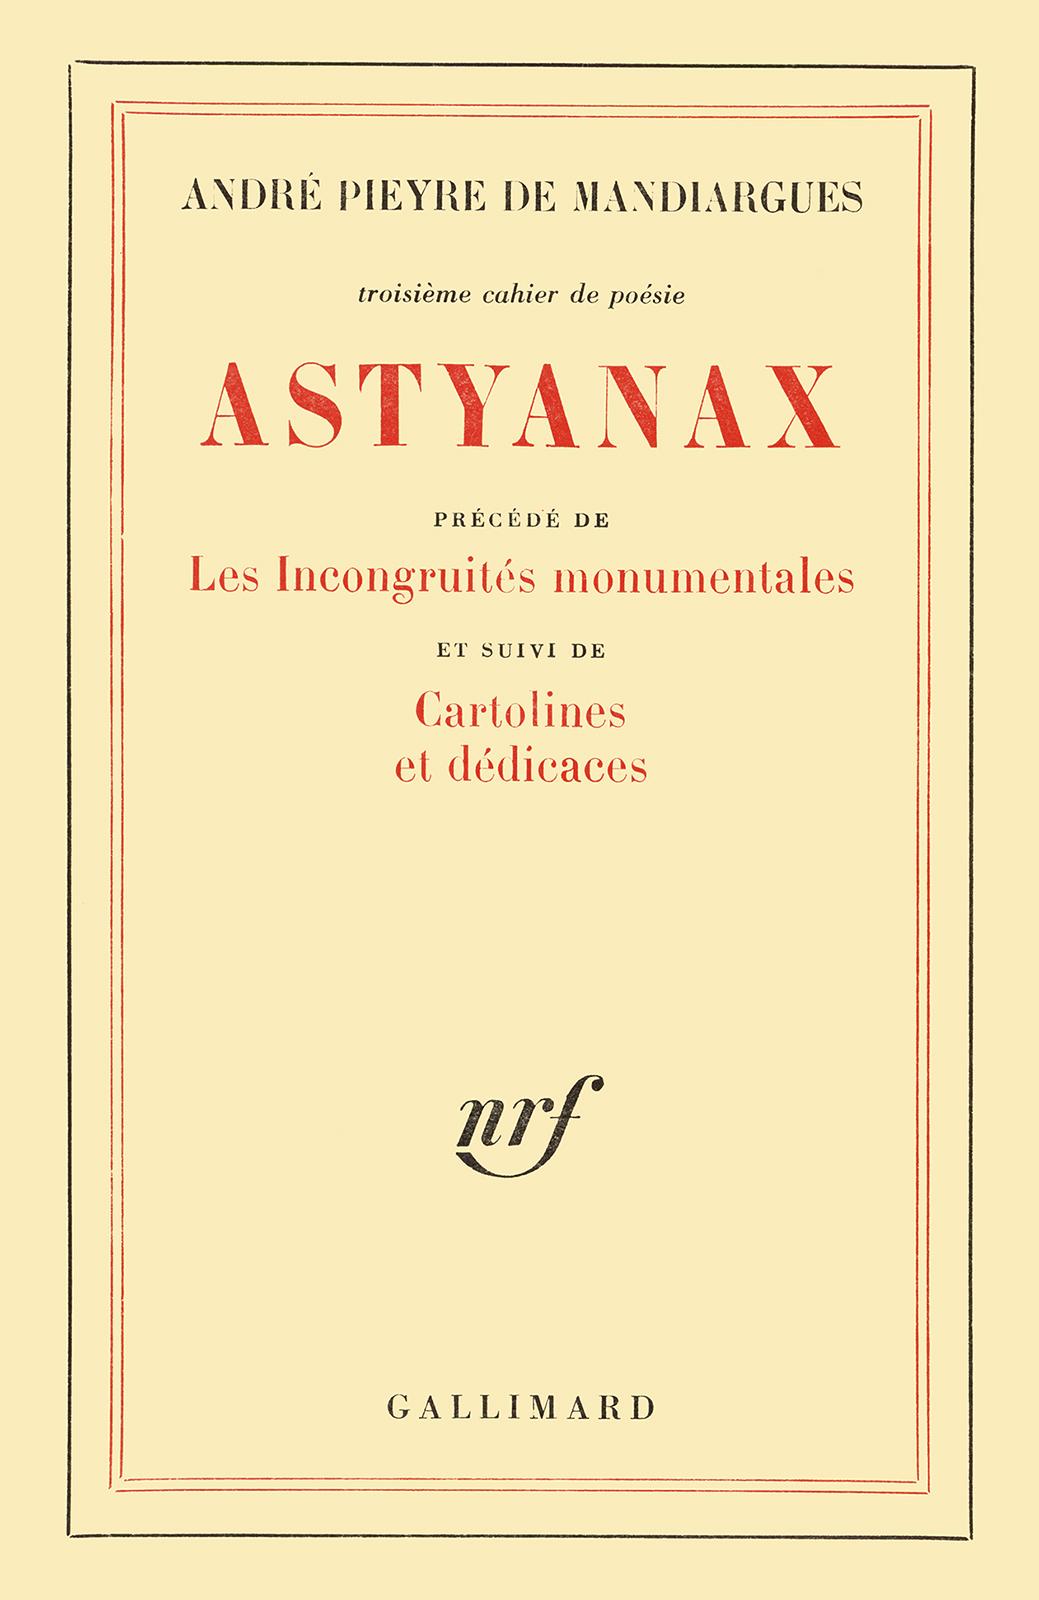 Astyanax / Cartolines et dédicaces / Les Incongruités monumentales